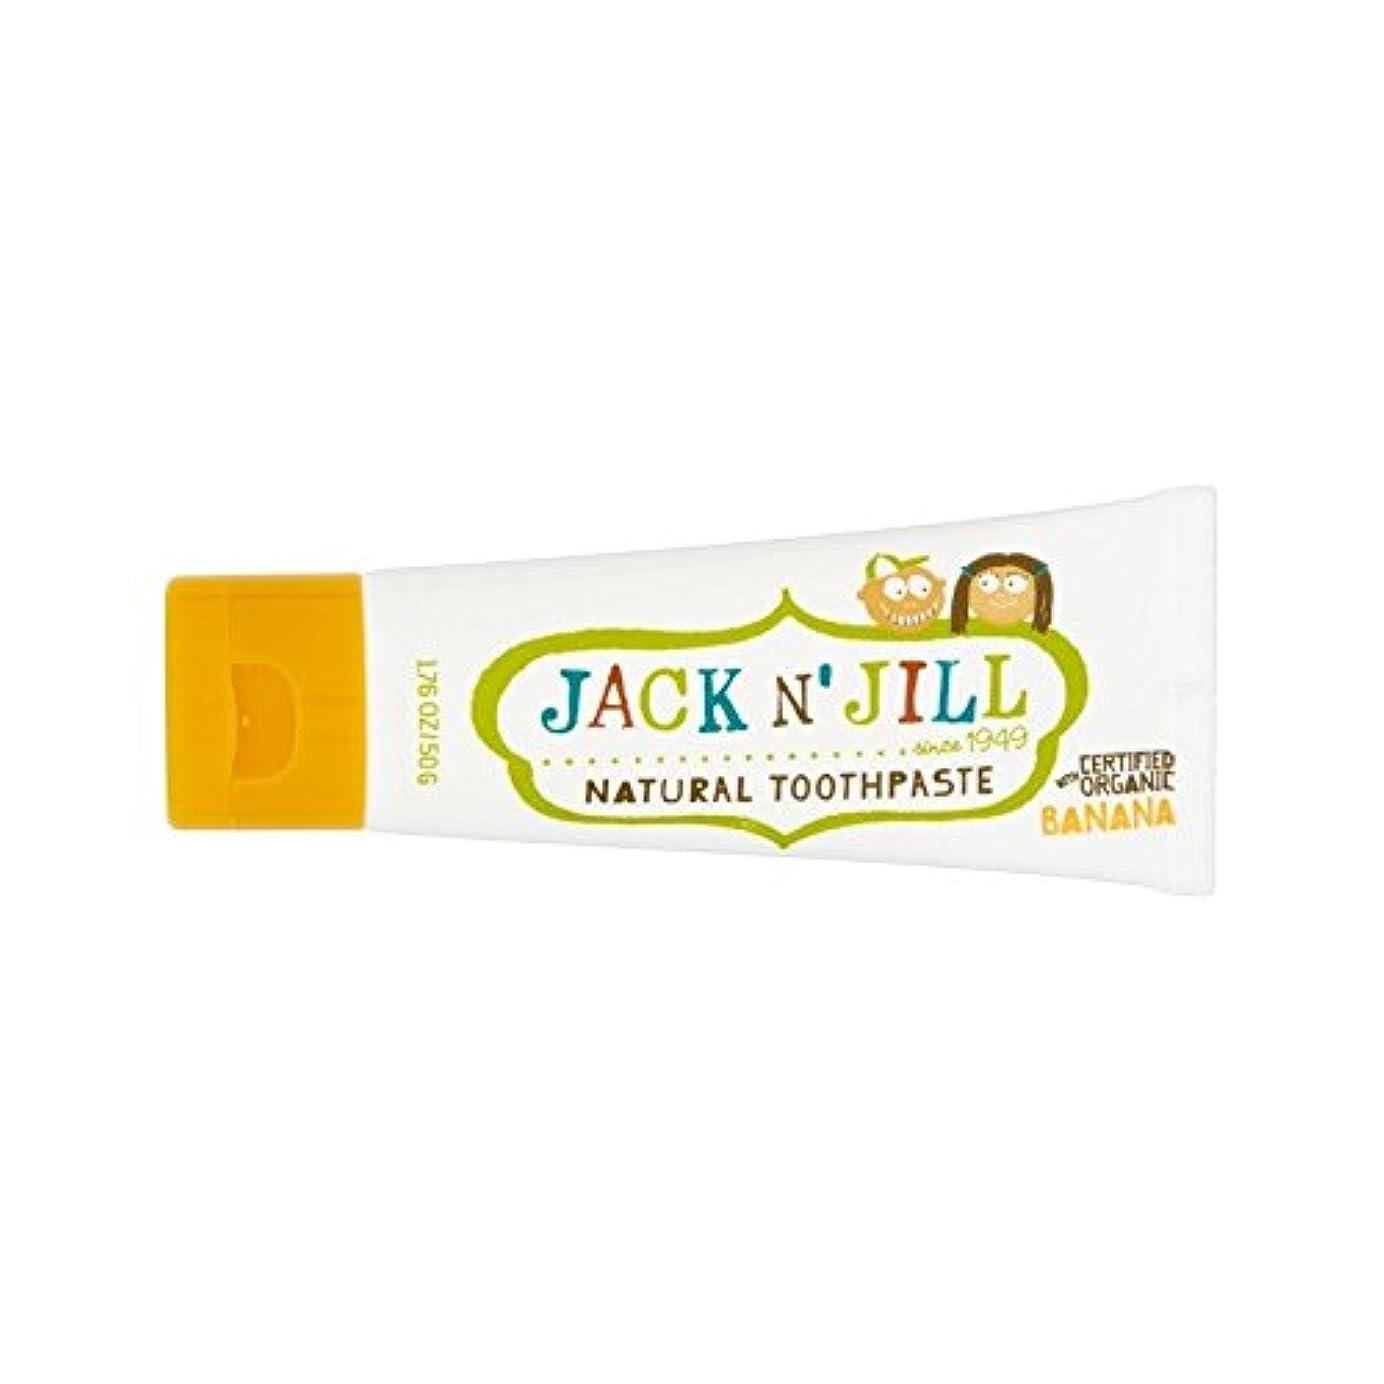 責任者リークホームレス有機香味50グラムと自然バナナ歯磨き粉 (Jack N Jill) (x 4) - Jack N' Jill Banana Toothpaste Natural with Organic Flavouring 50g (...